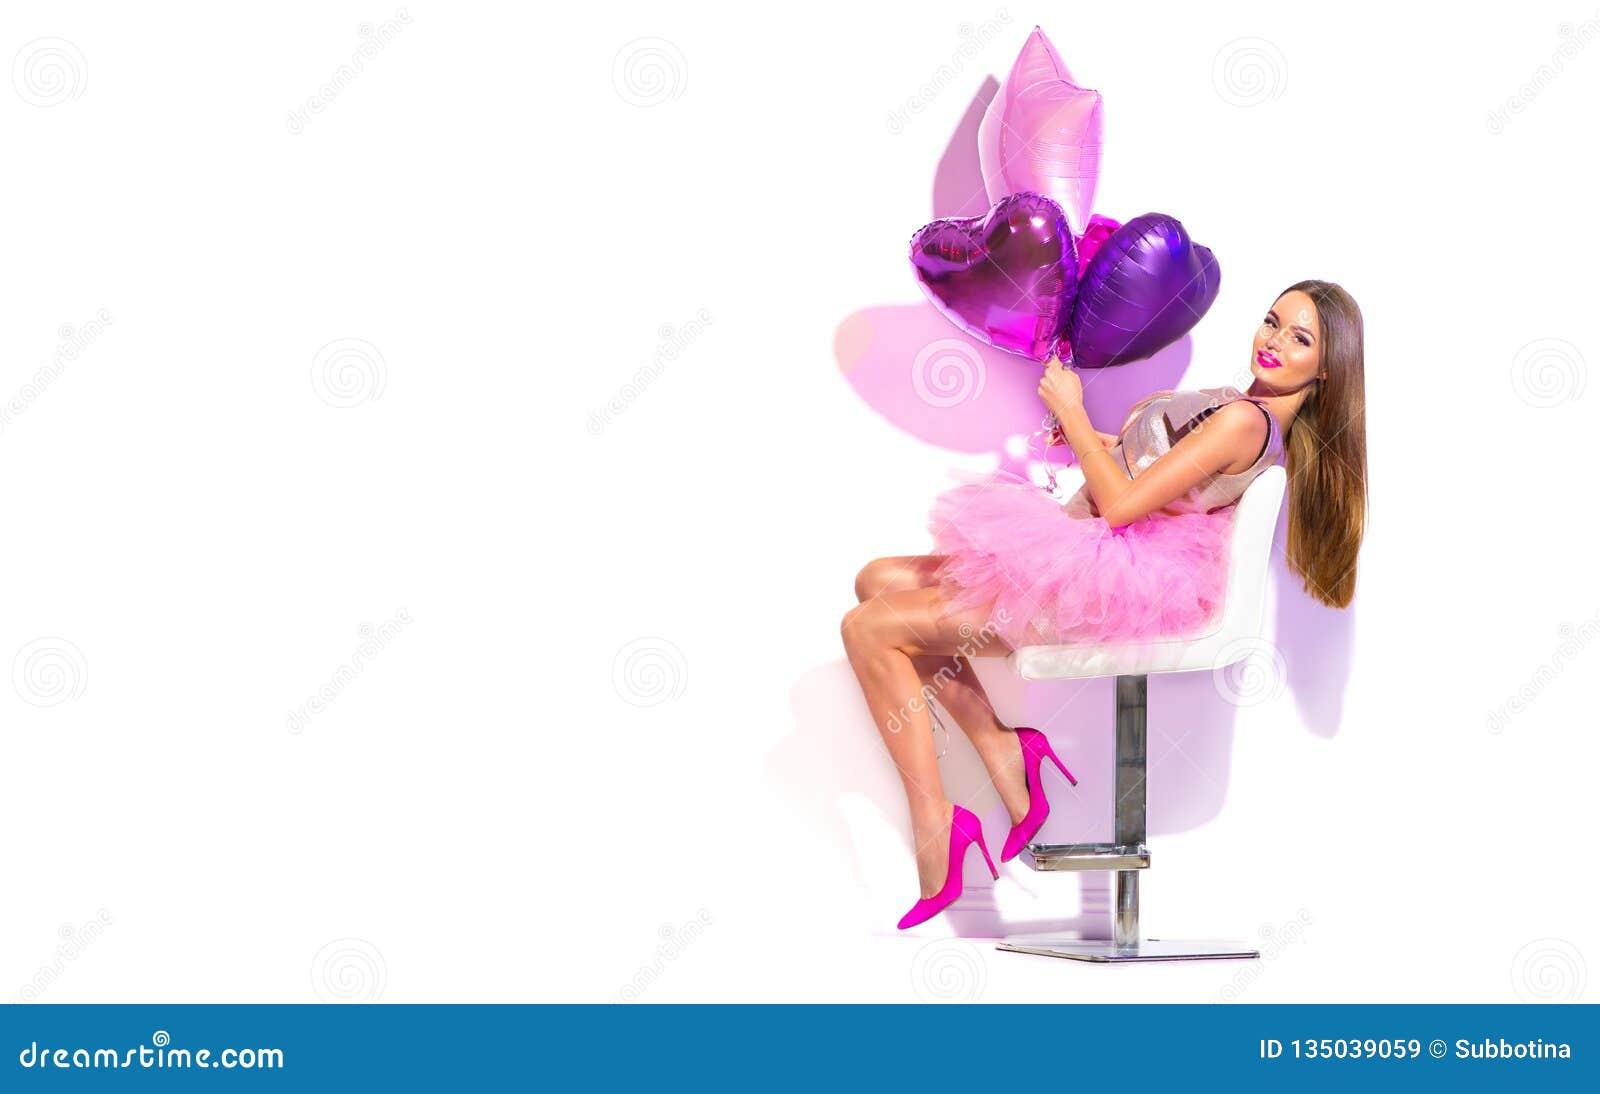 Schönheitsmode-modell-Party-Girl mit Herzen formte die Luftballonaufstellung und saß auf Stuhl Geburtstagsfeier, Valentinsgruß-Ta